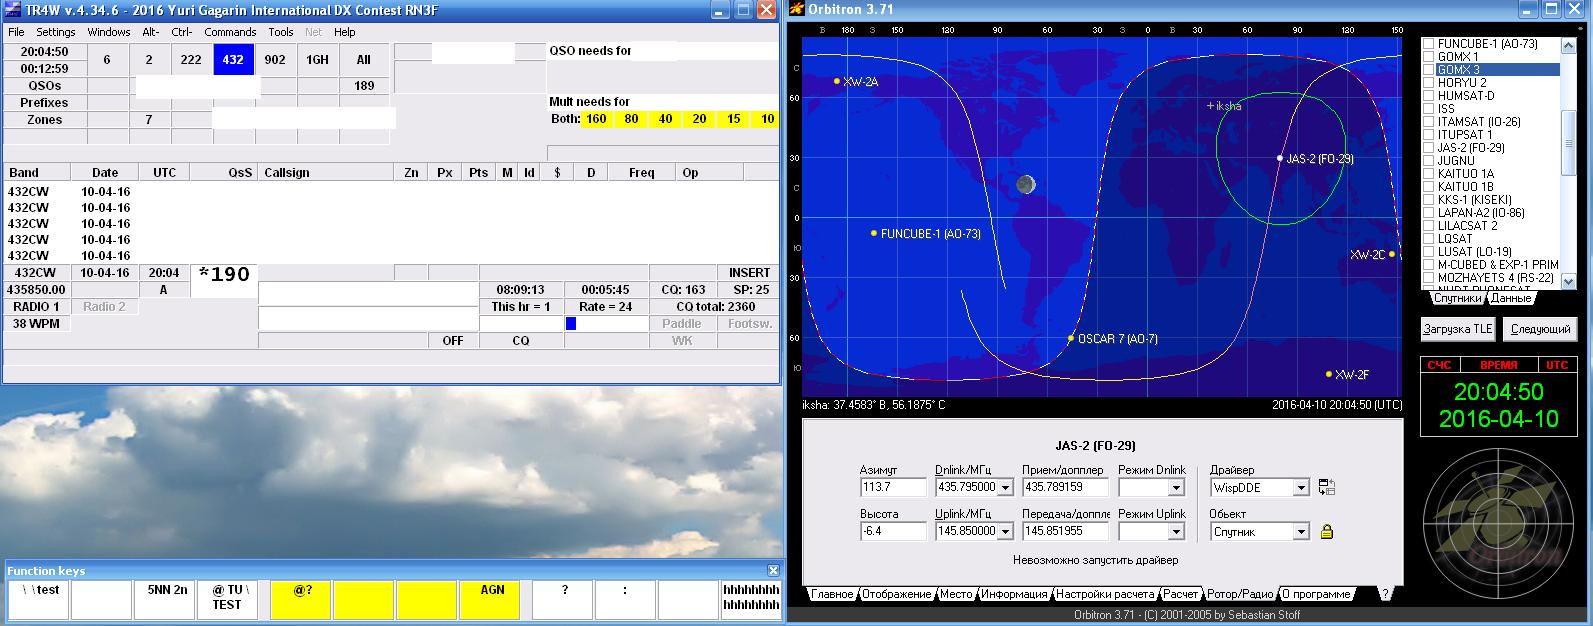 Нажмите на изображение для увеличения.  Название:RN3F_GC2016_VHF.png Просмотров:217 Размер:310.6 Кб ID:161913